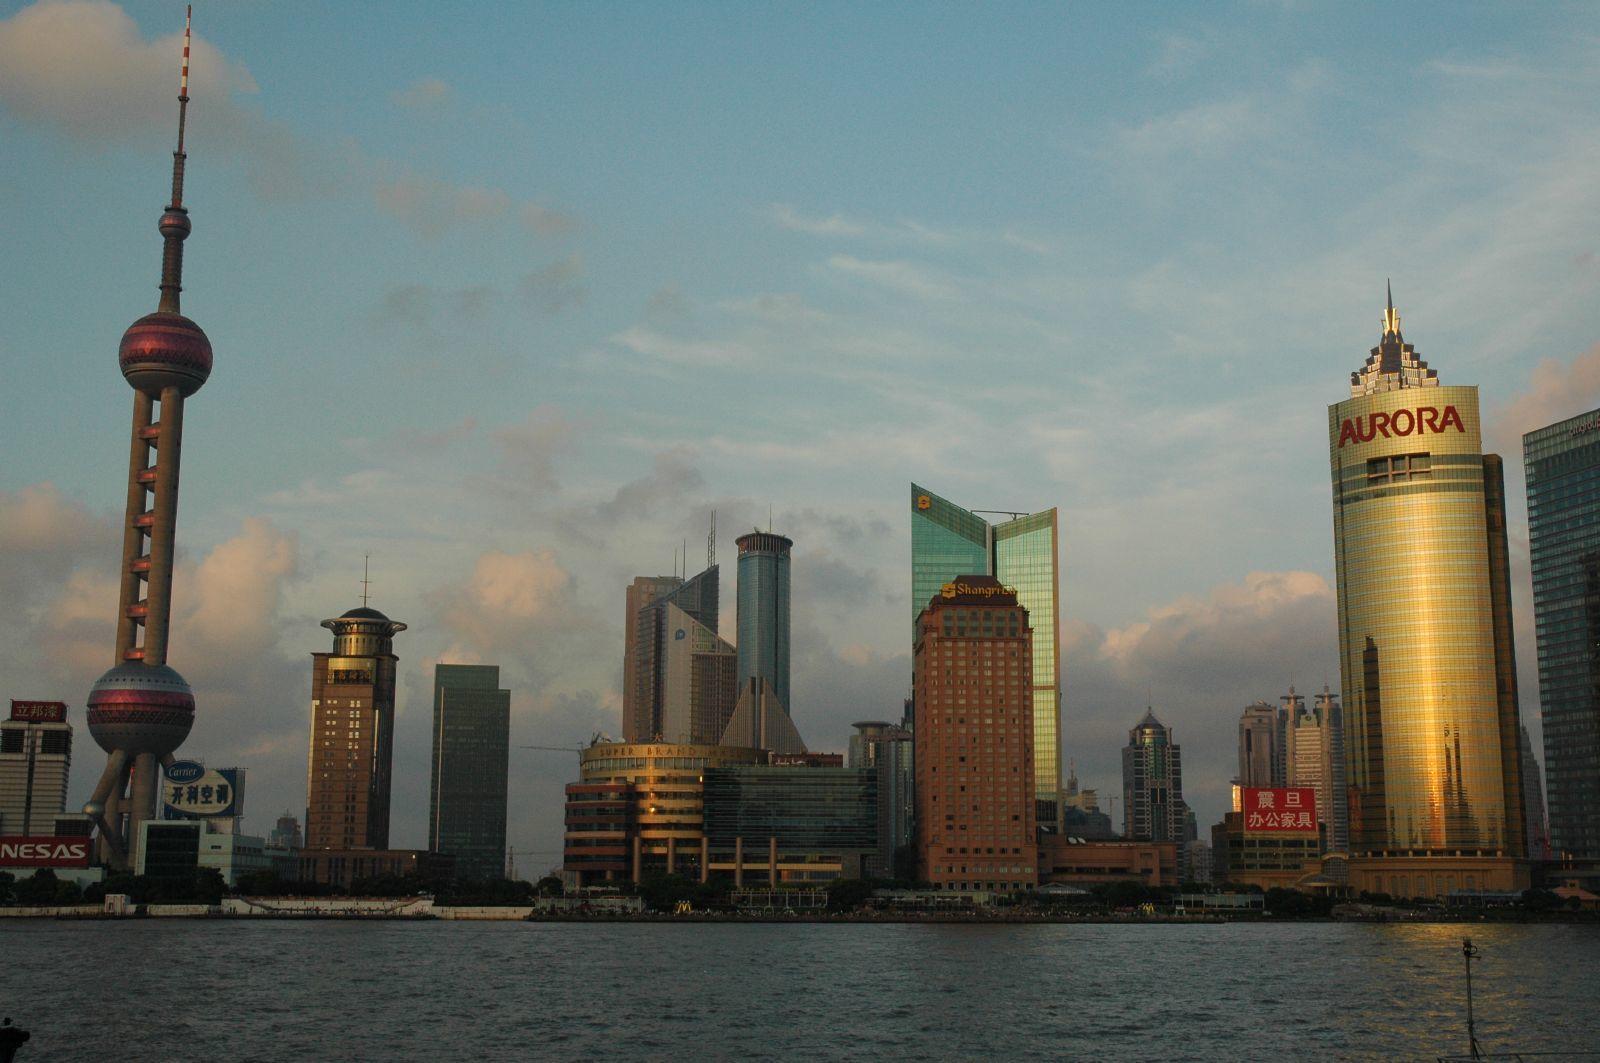 السياحة الصين The-official-languag